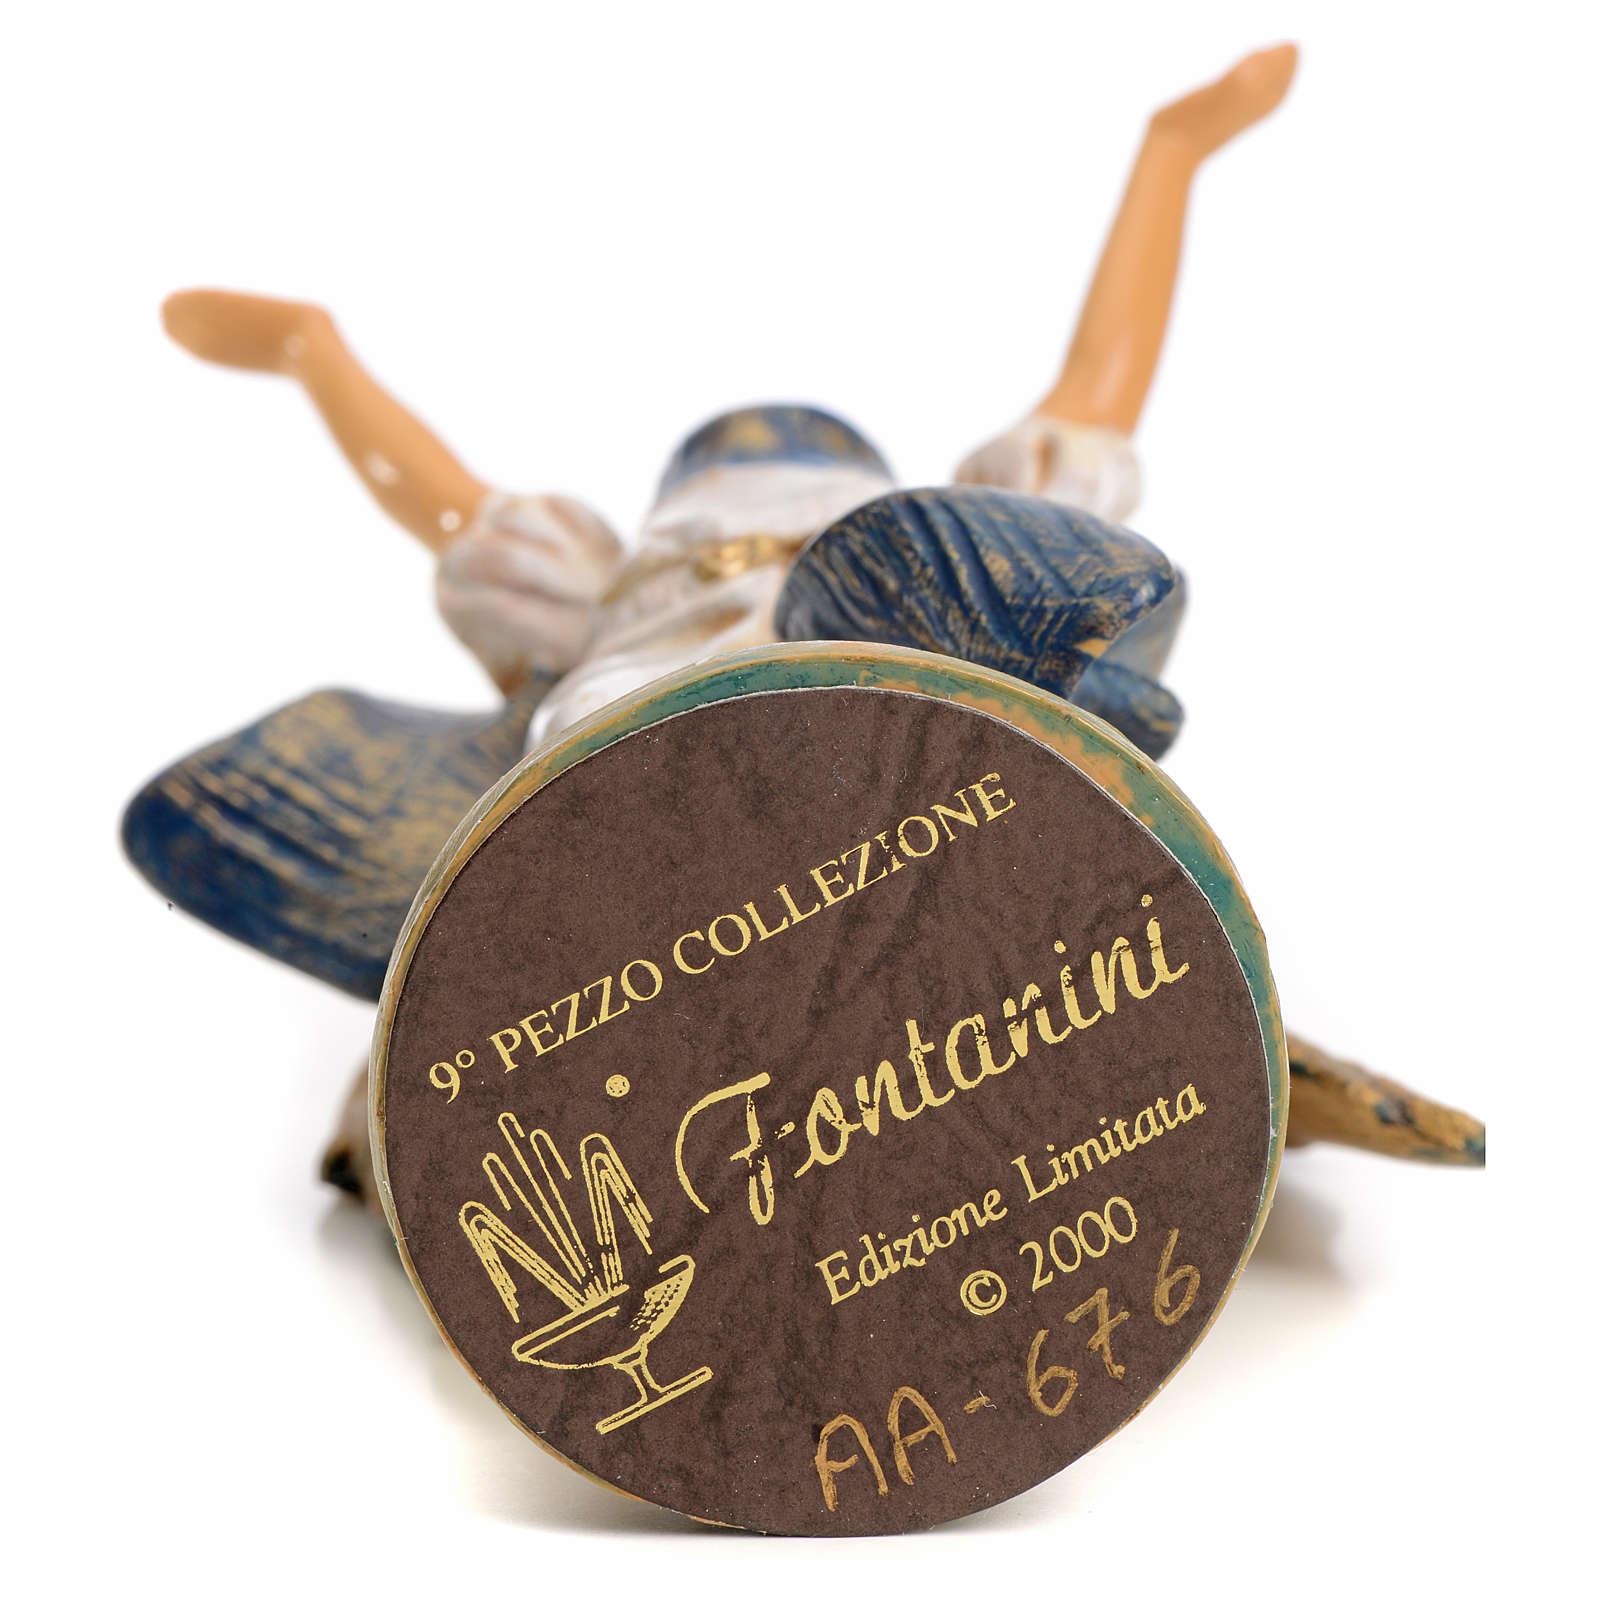 Erela 12 cm Fontanini edición limitada año 2000 4